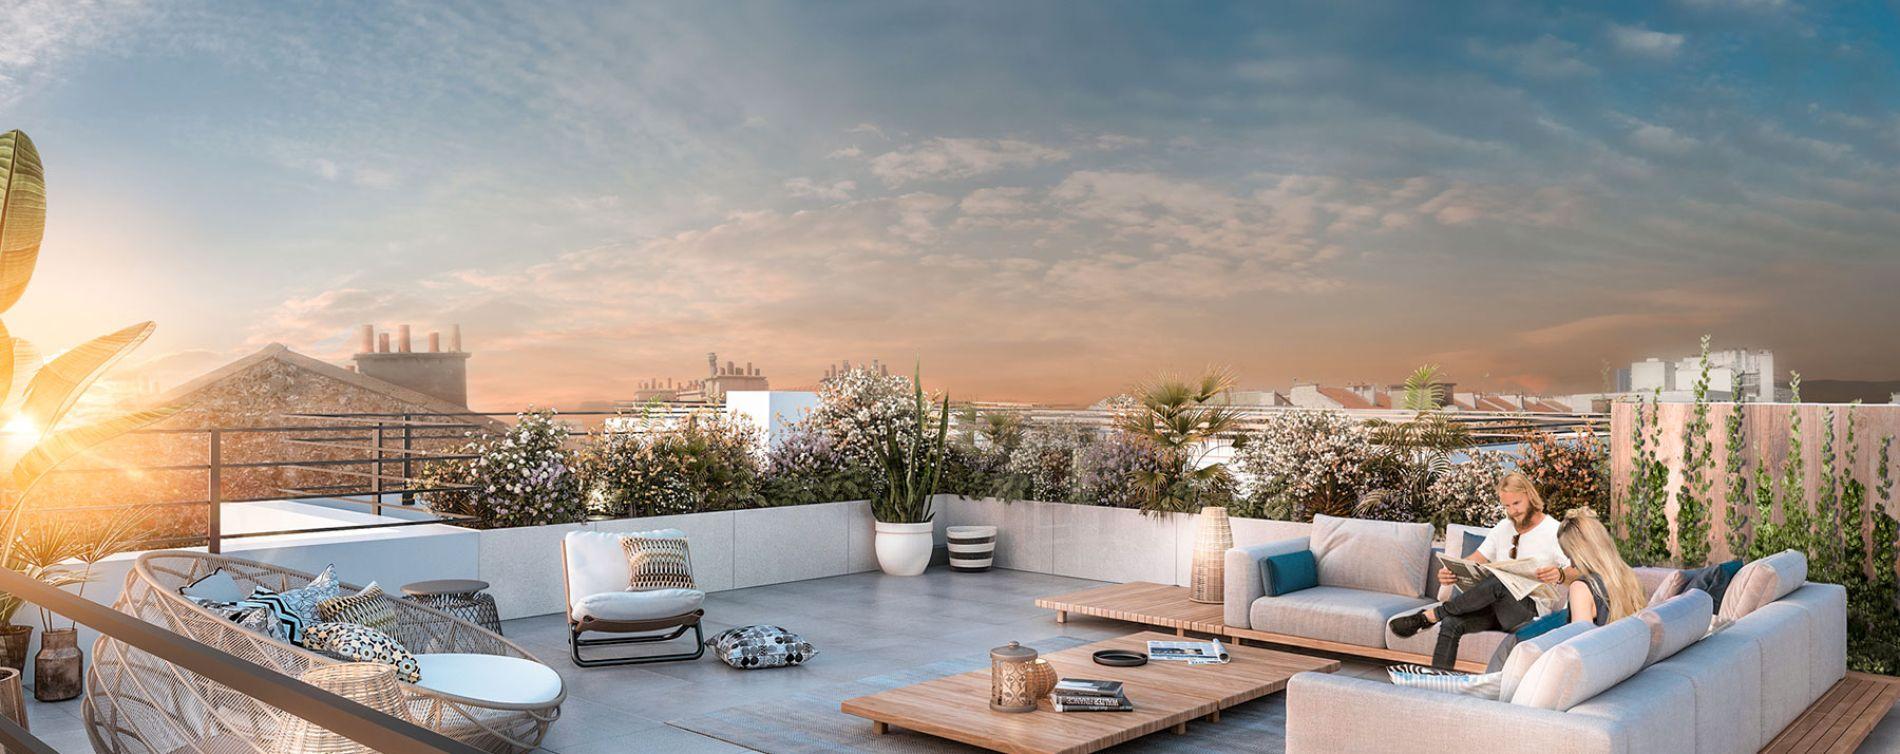 Montrouge : programme immobilier neuve « Cityzen » (4)